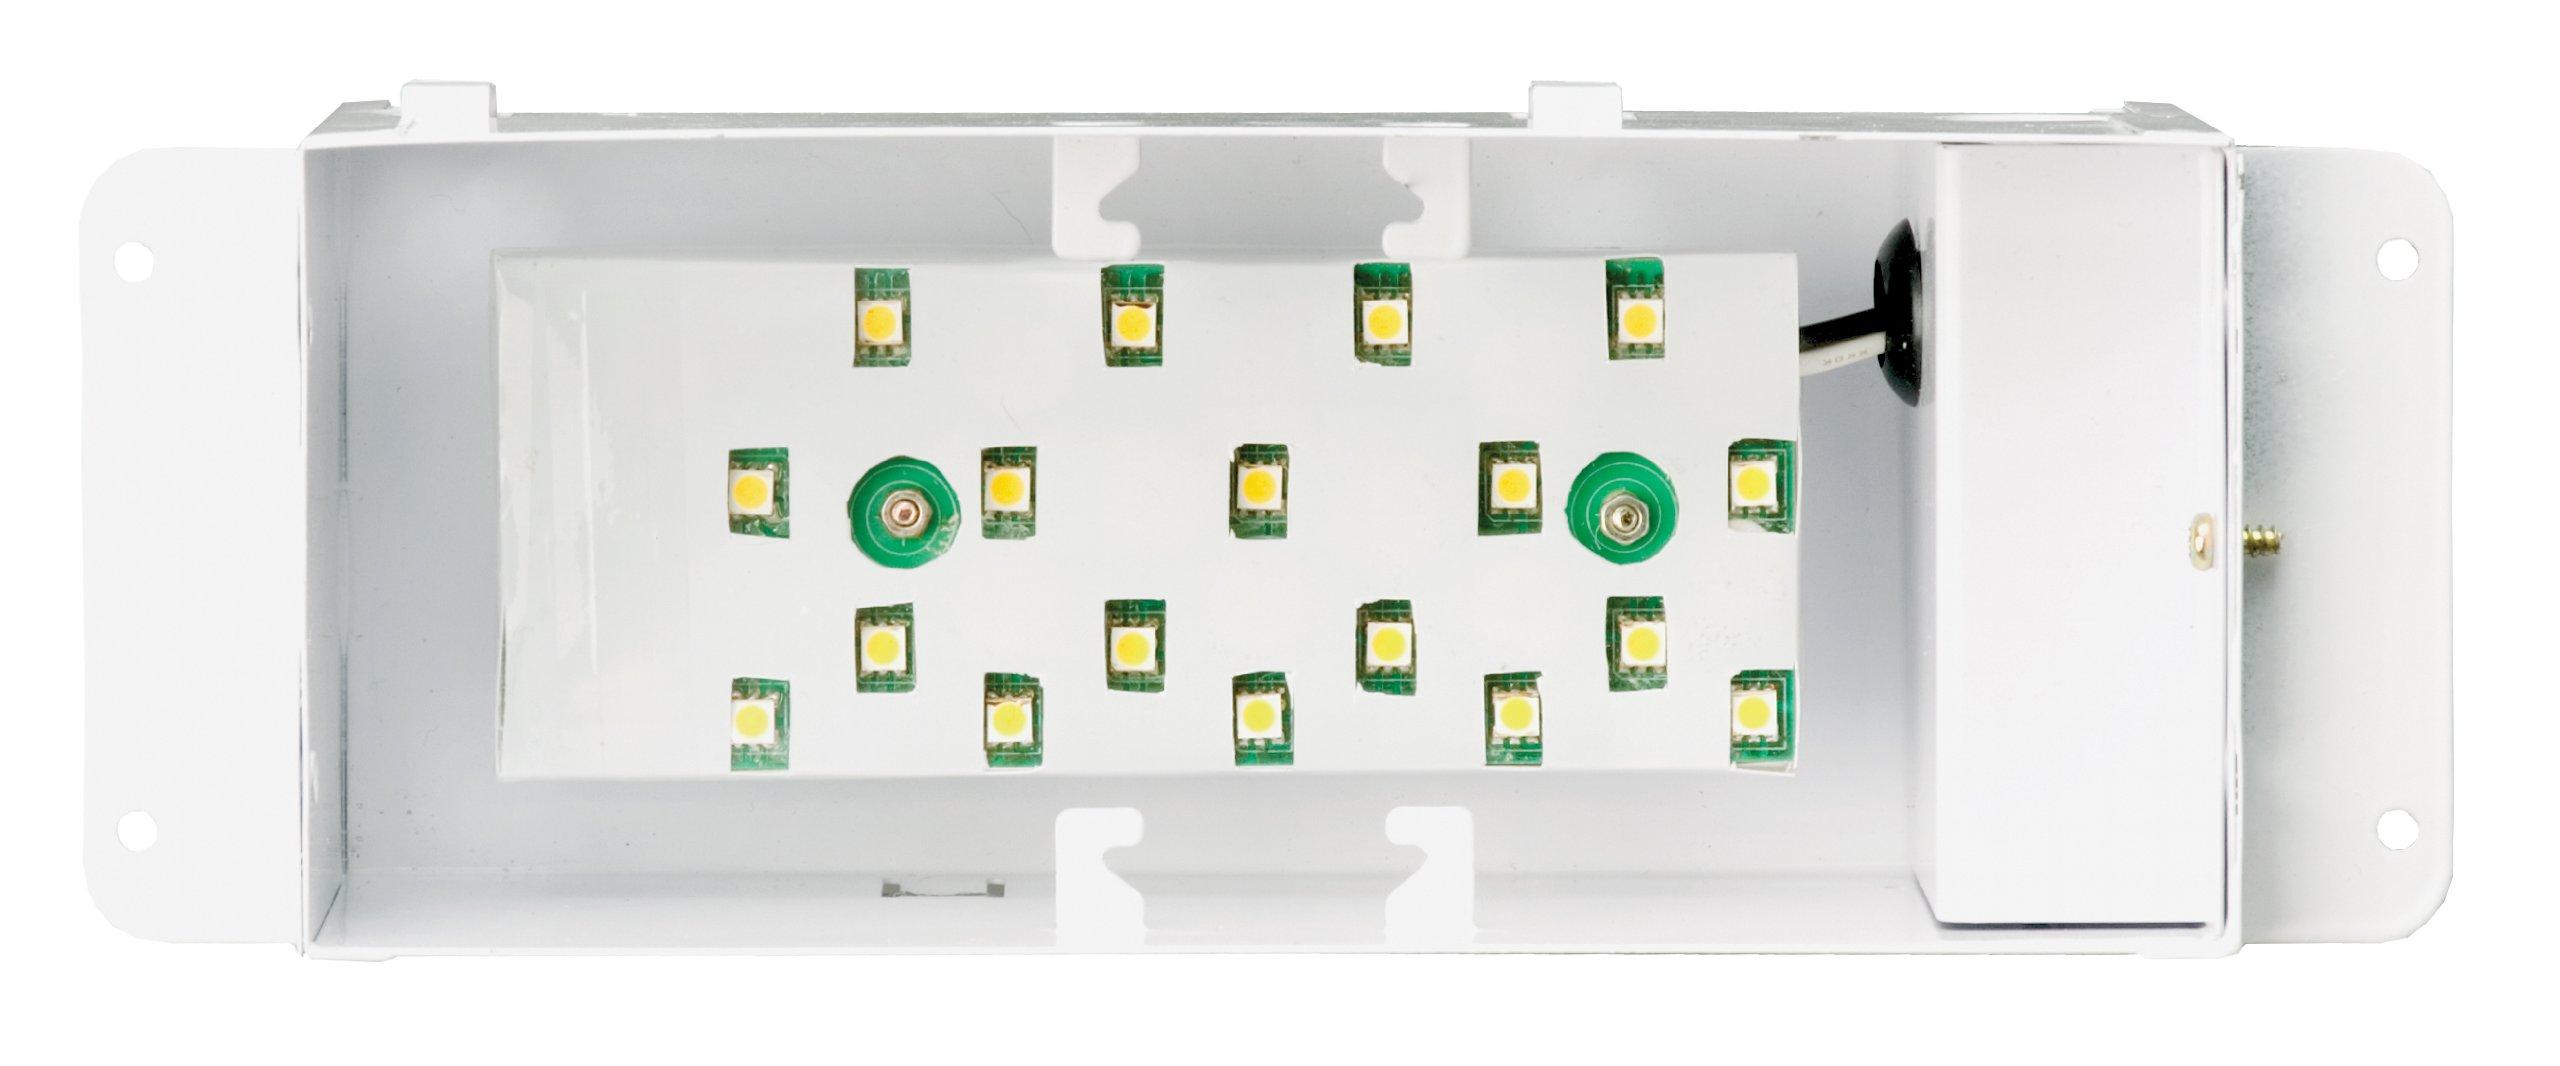 NICOR Lighting 10-Inch 3000K 18-LED Step Light Housing (15803L)